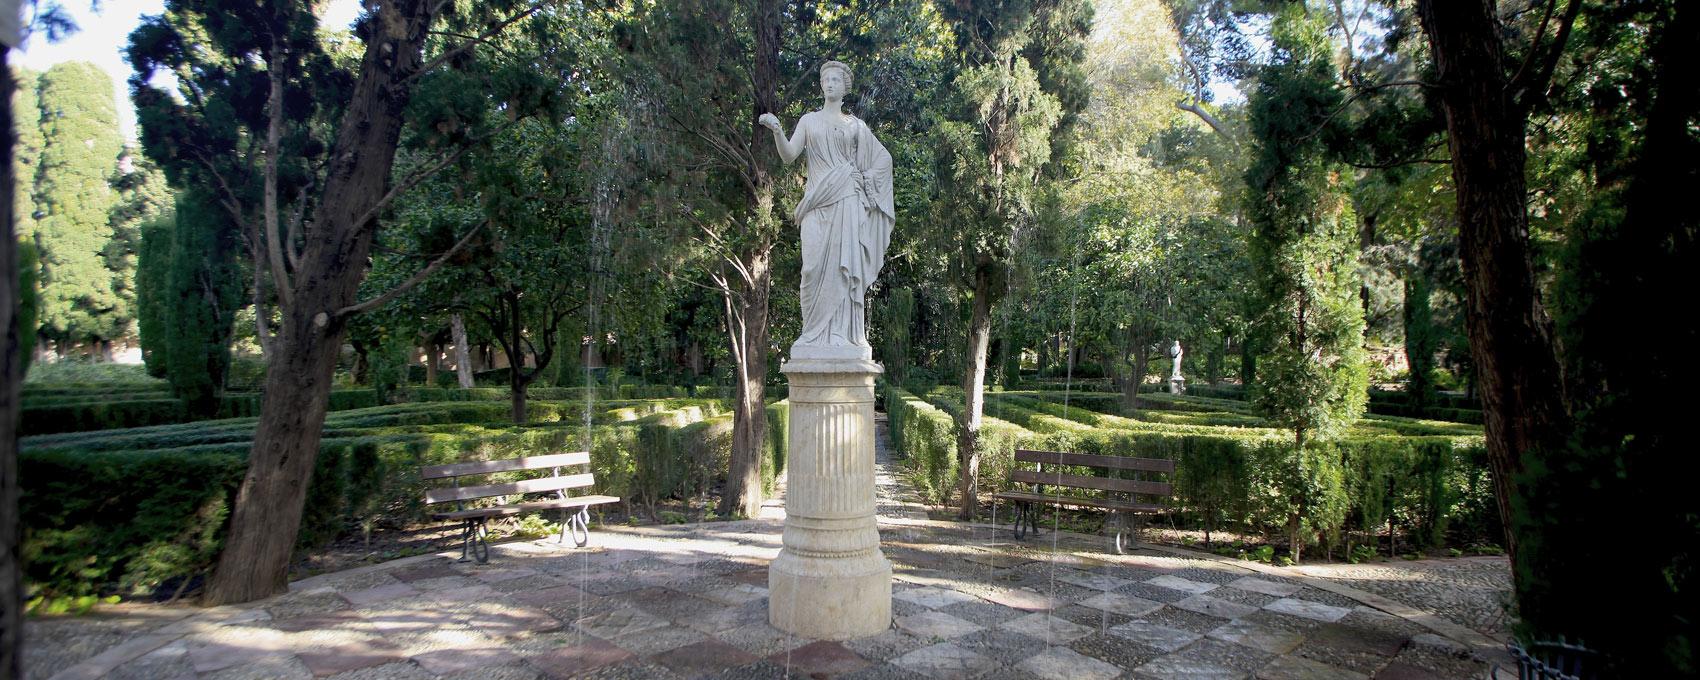 La estatua de la diosa Flora se ubica en el centro del Patio de los Surtidores desde donde se levanta sobre su pedestal y domina el espacio del parterre nuevo.